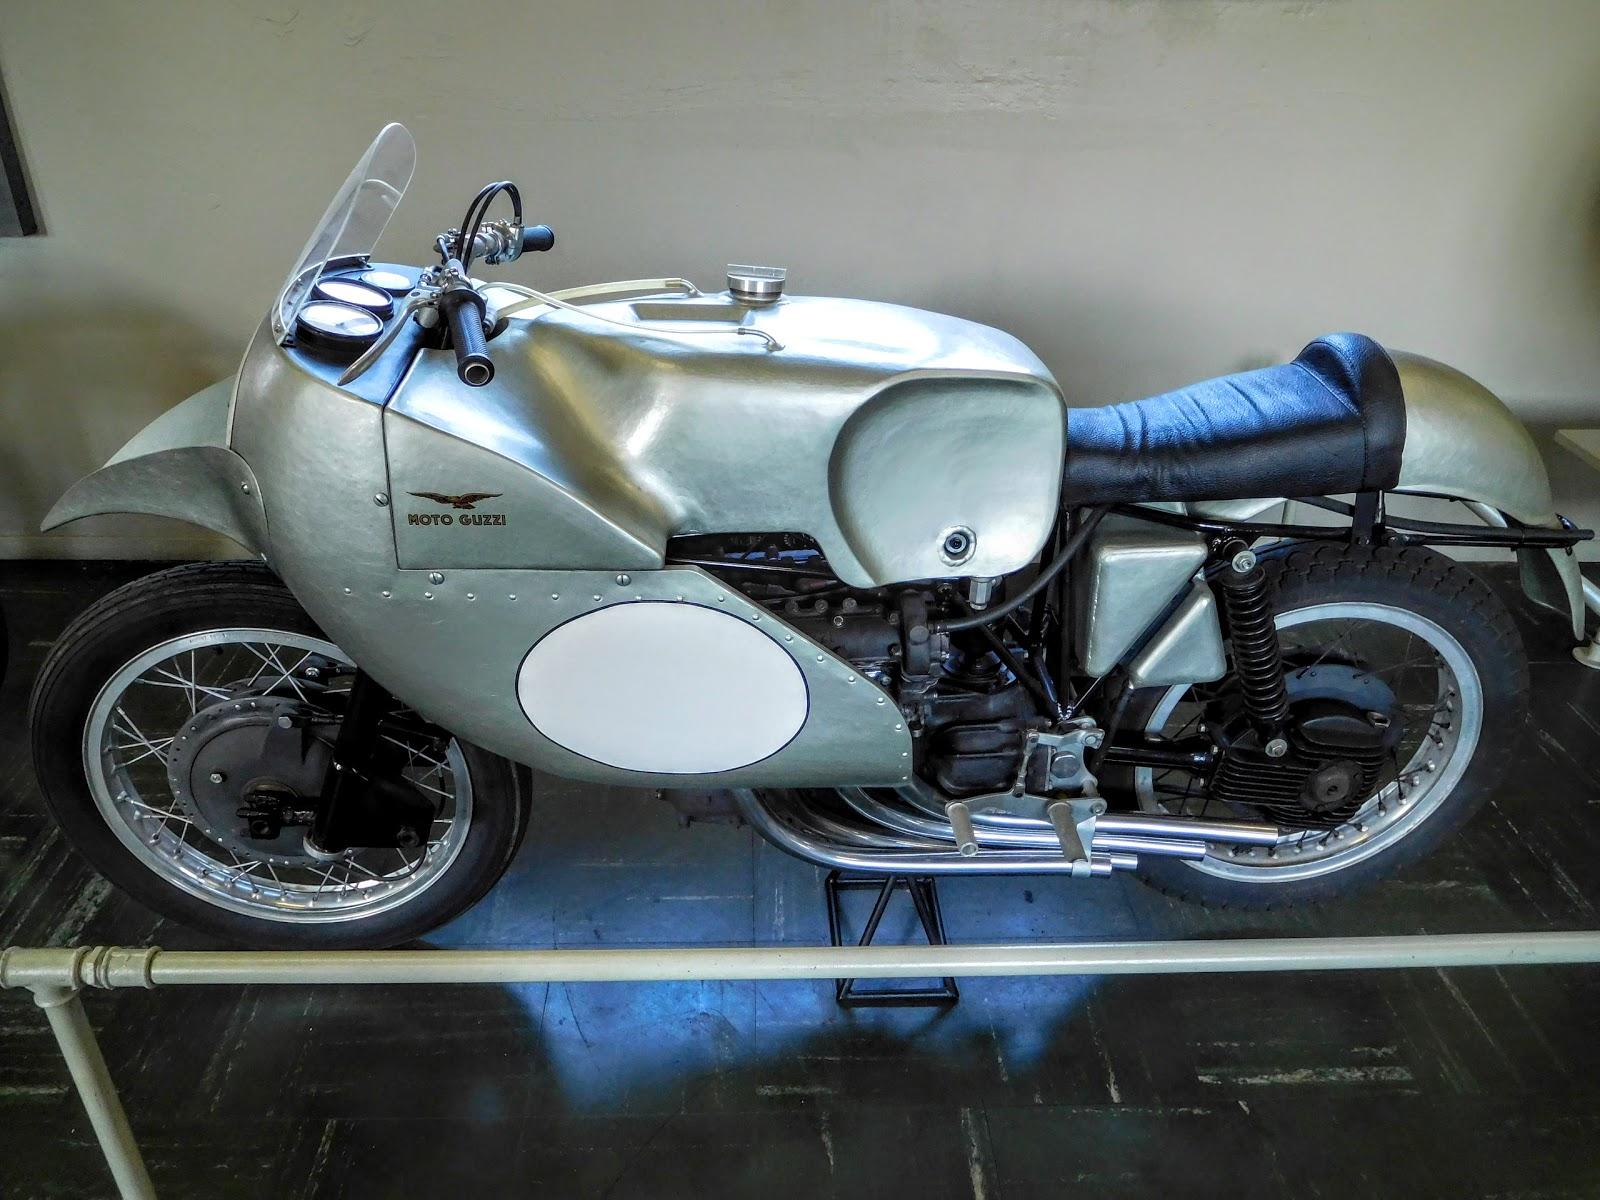 Tigho NYDucati: 1955 Moto Guzzi 250 Monocilindrica